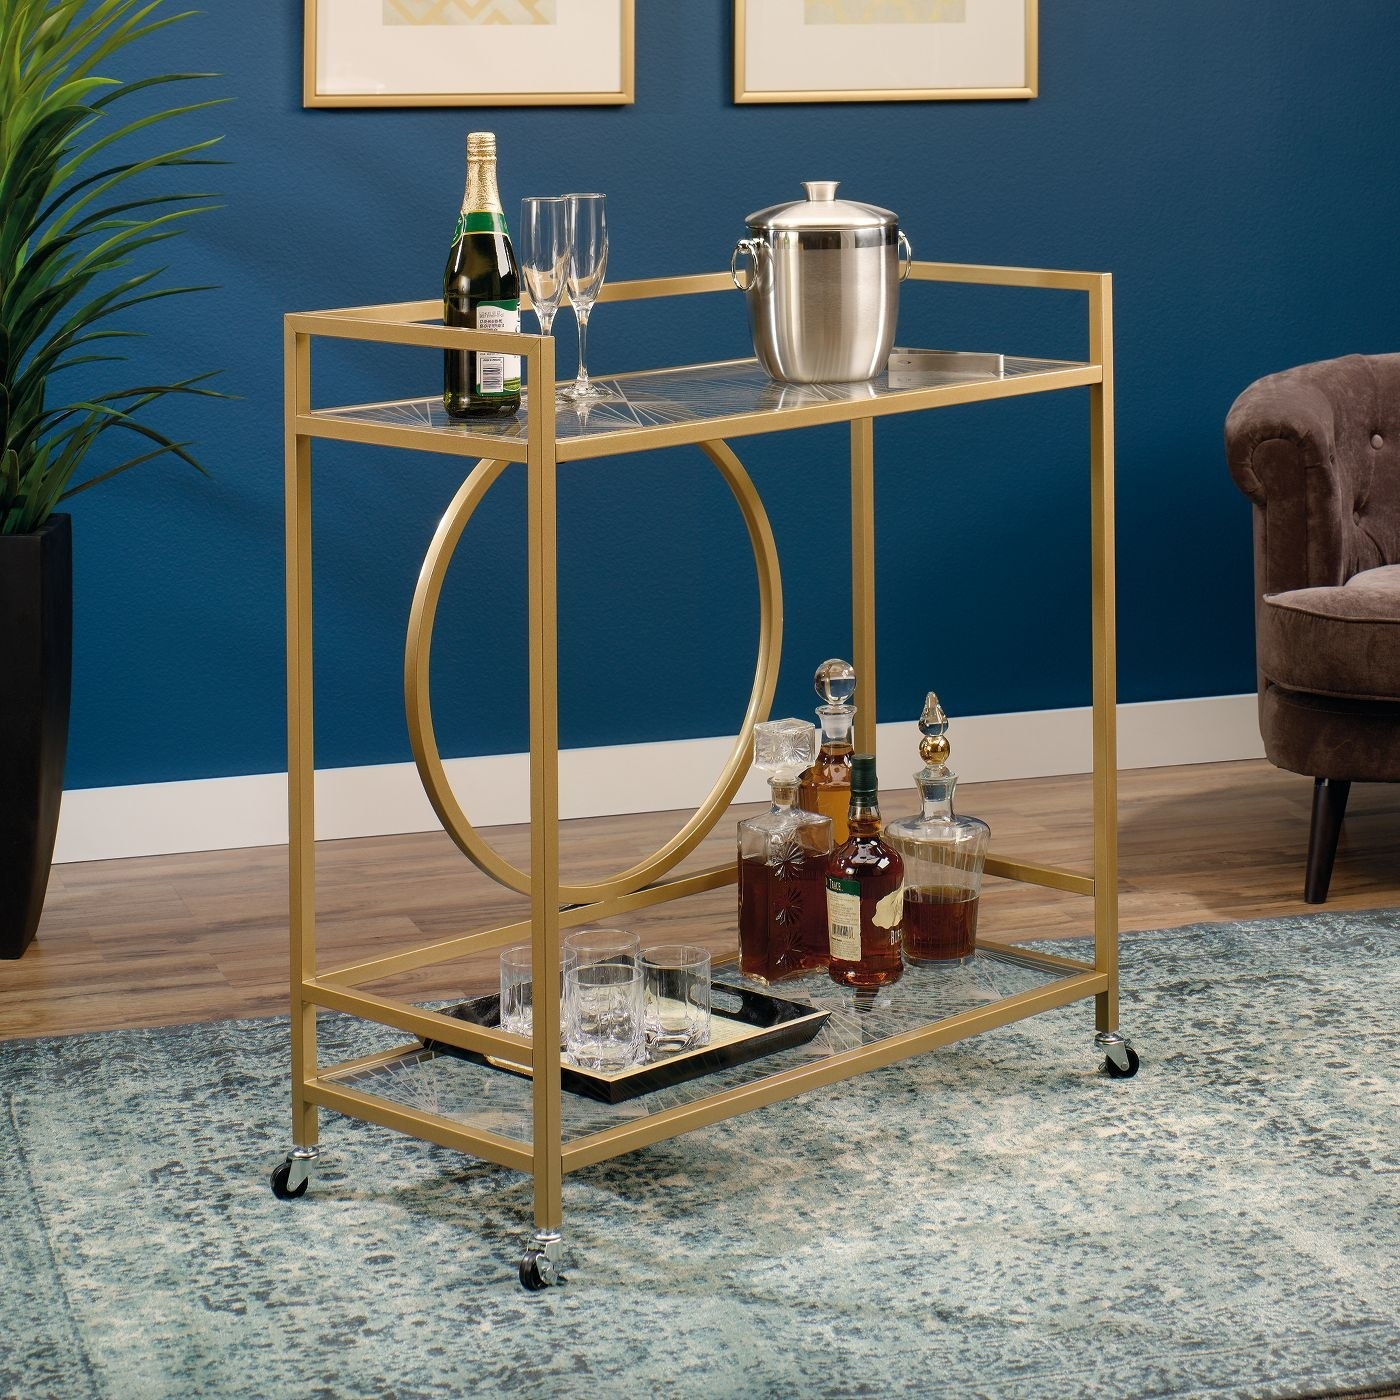 A gold rectangular art cart